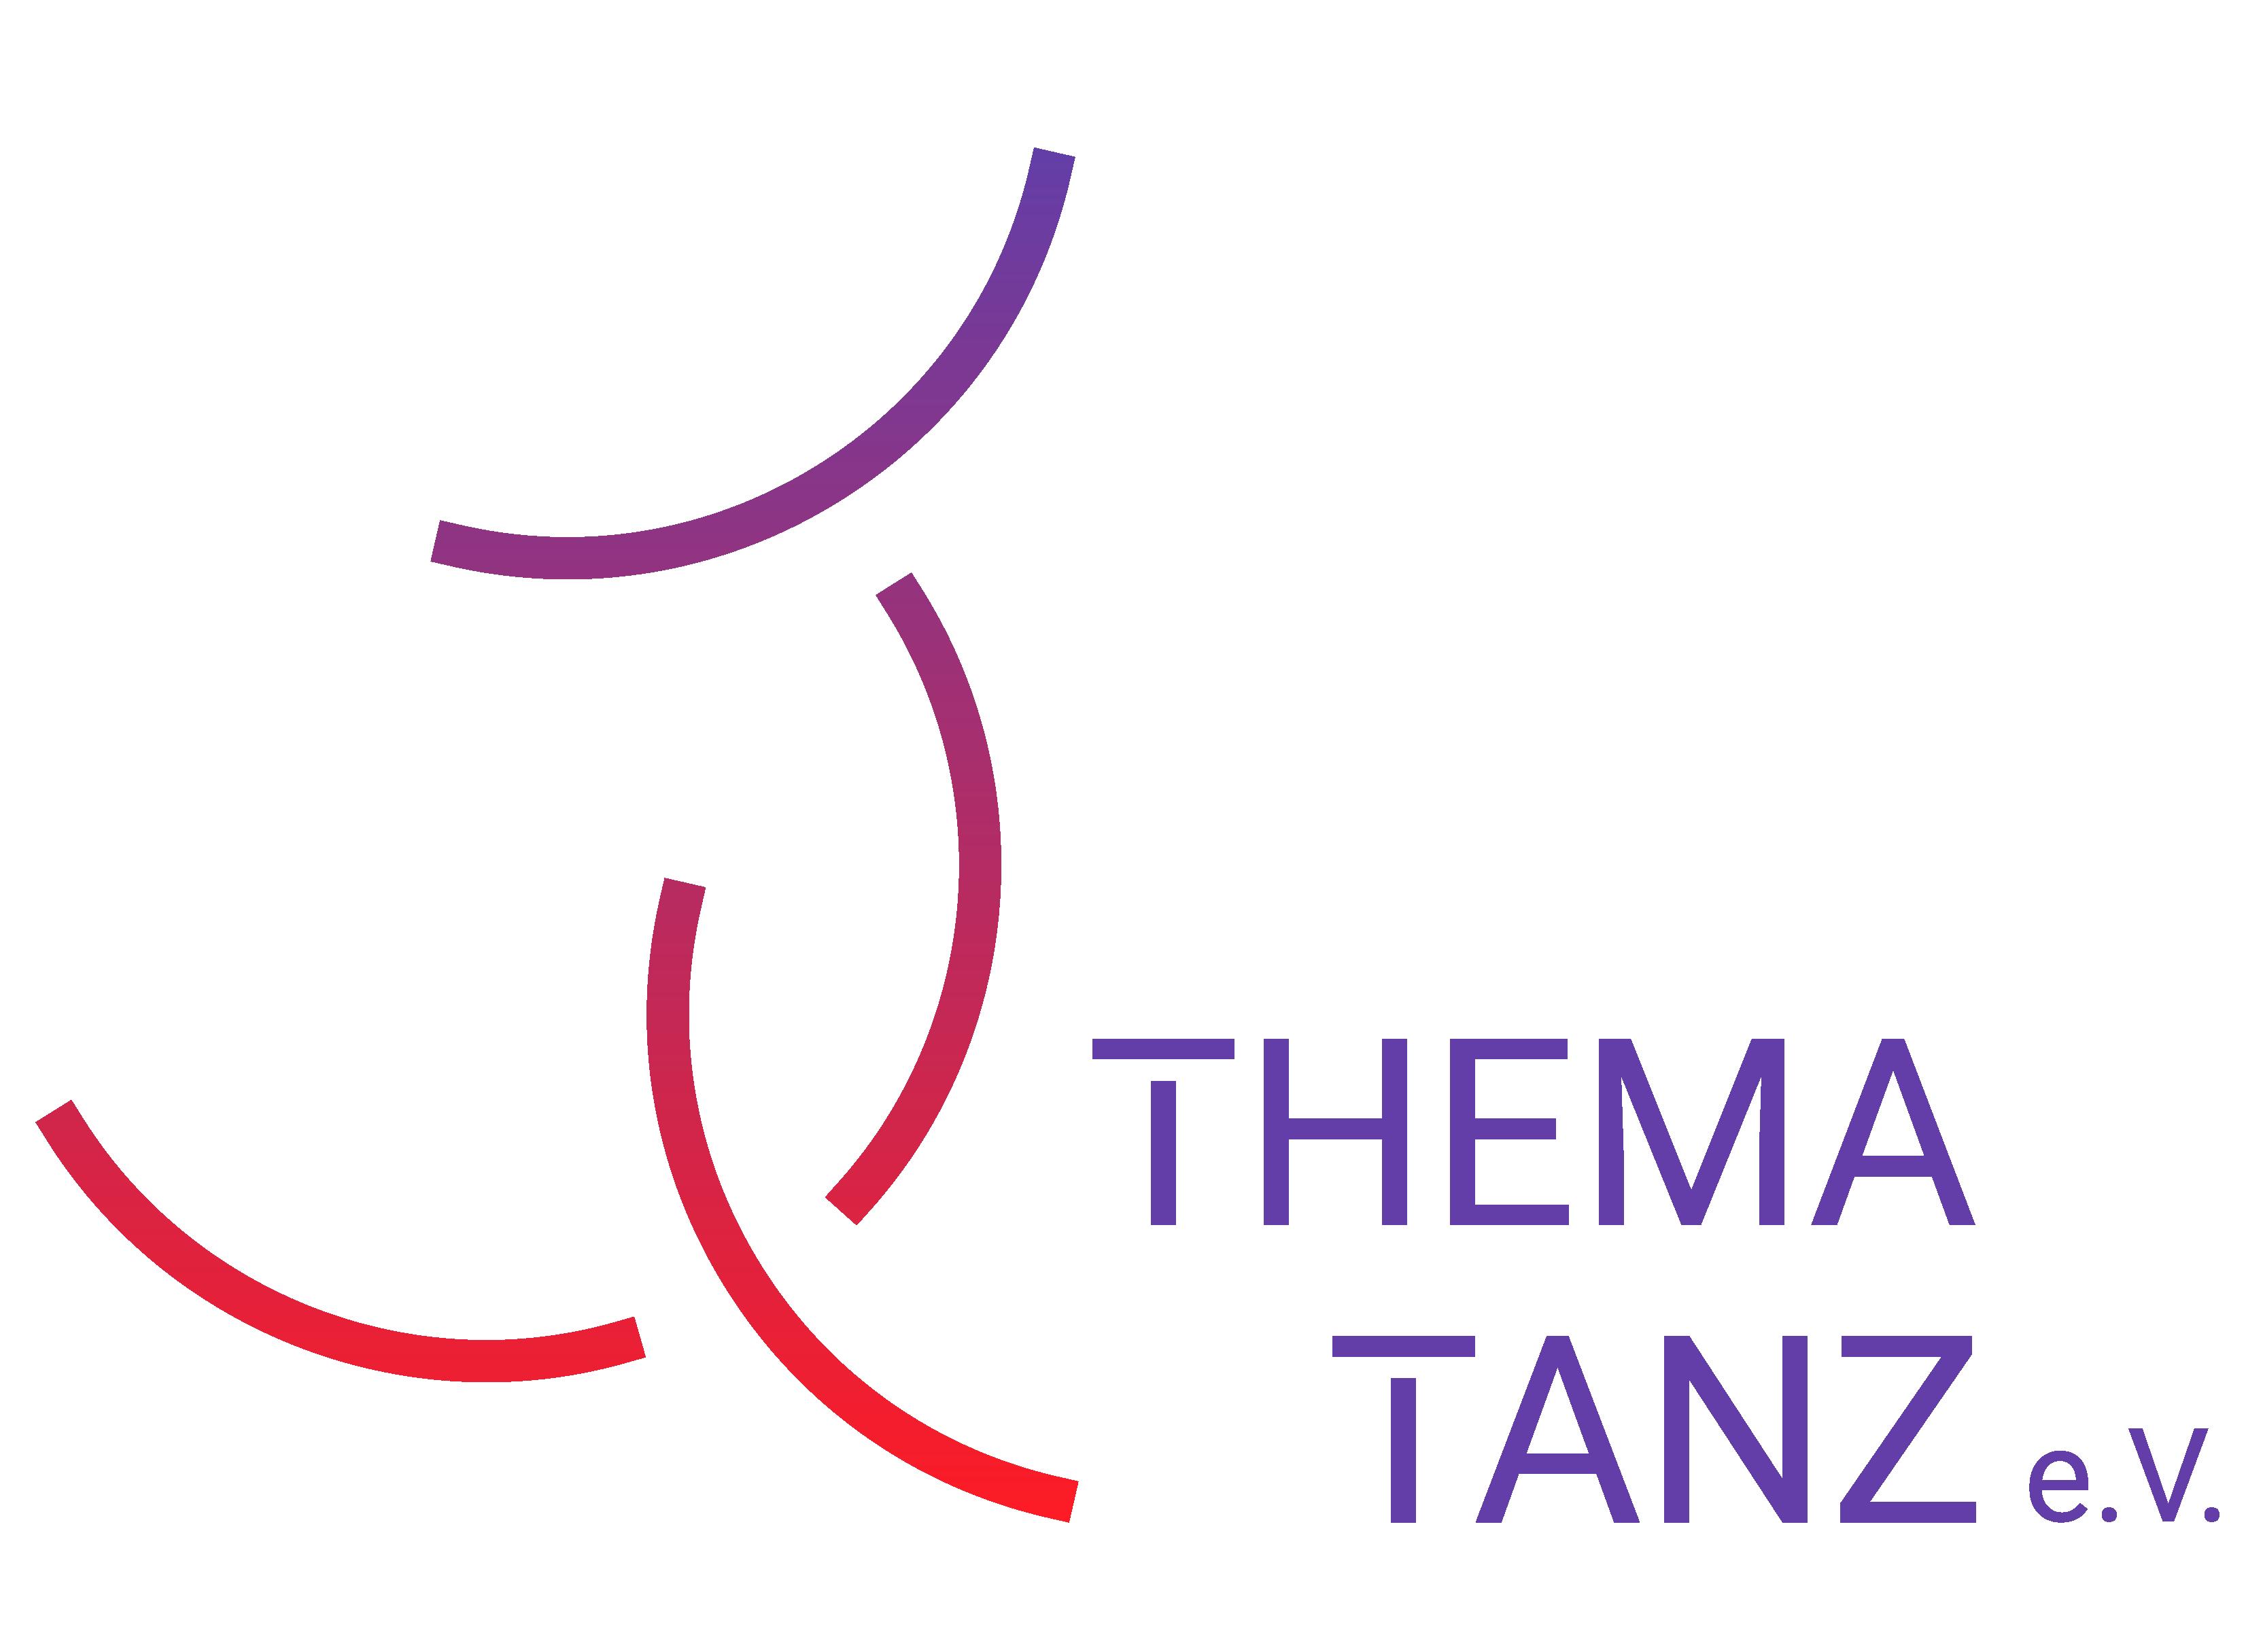 ThemaTanz – Wir wollen Tanz zu einem Thema für alle Menschen machen! - Logo